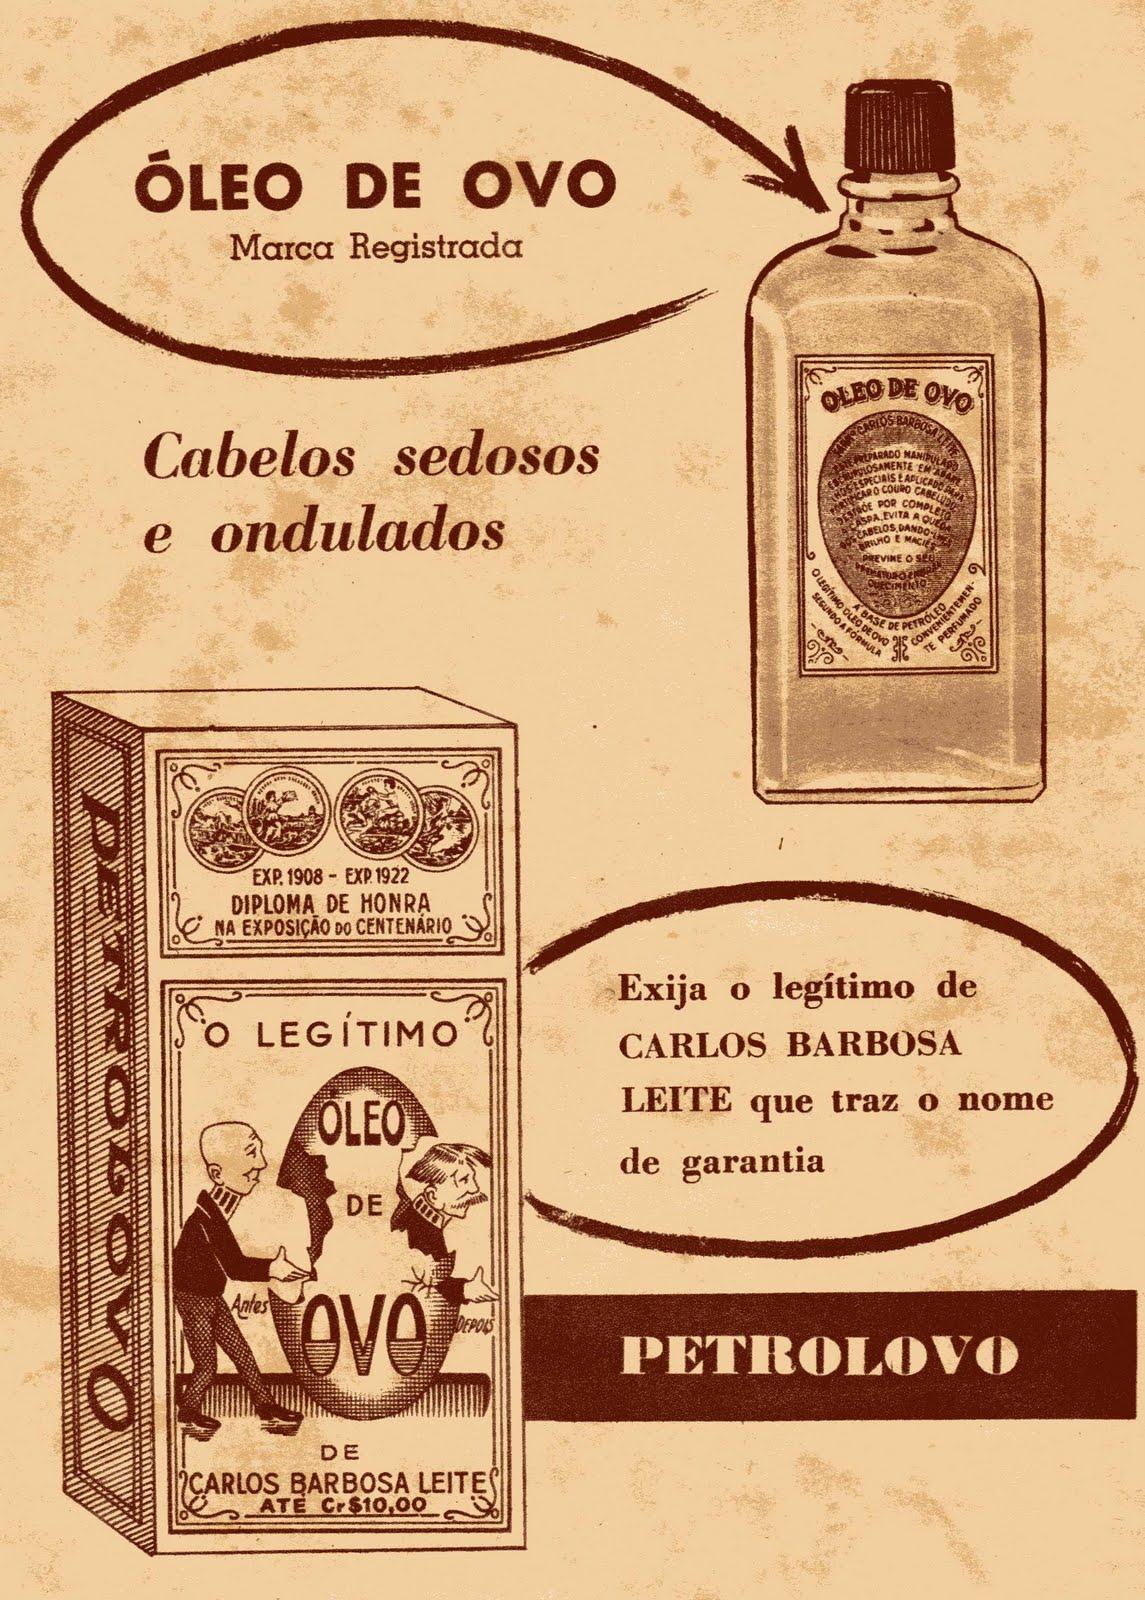 Campanha do Petrolovo a base de Óleo de Ovo para cabelos sedosos e ondulados